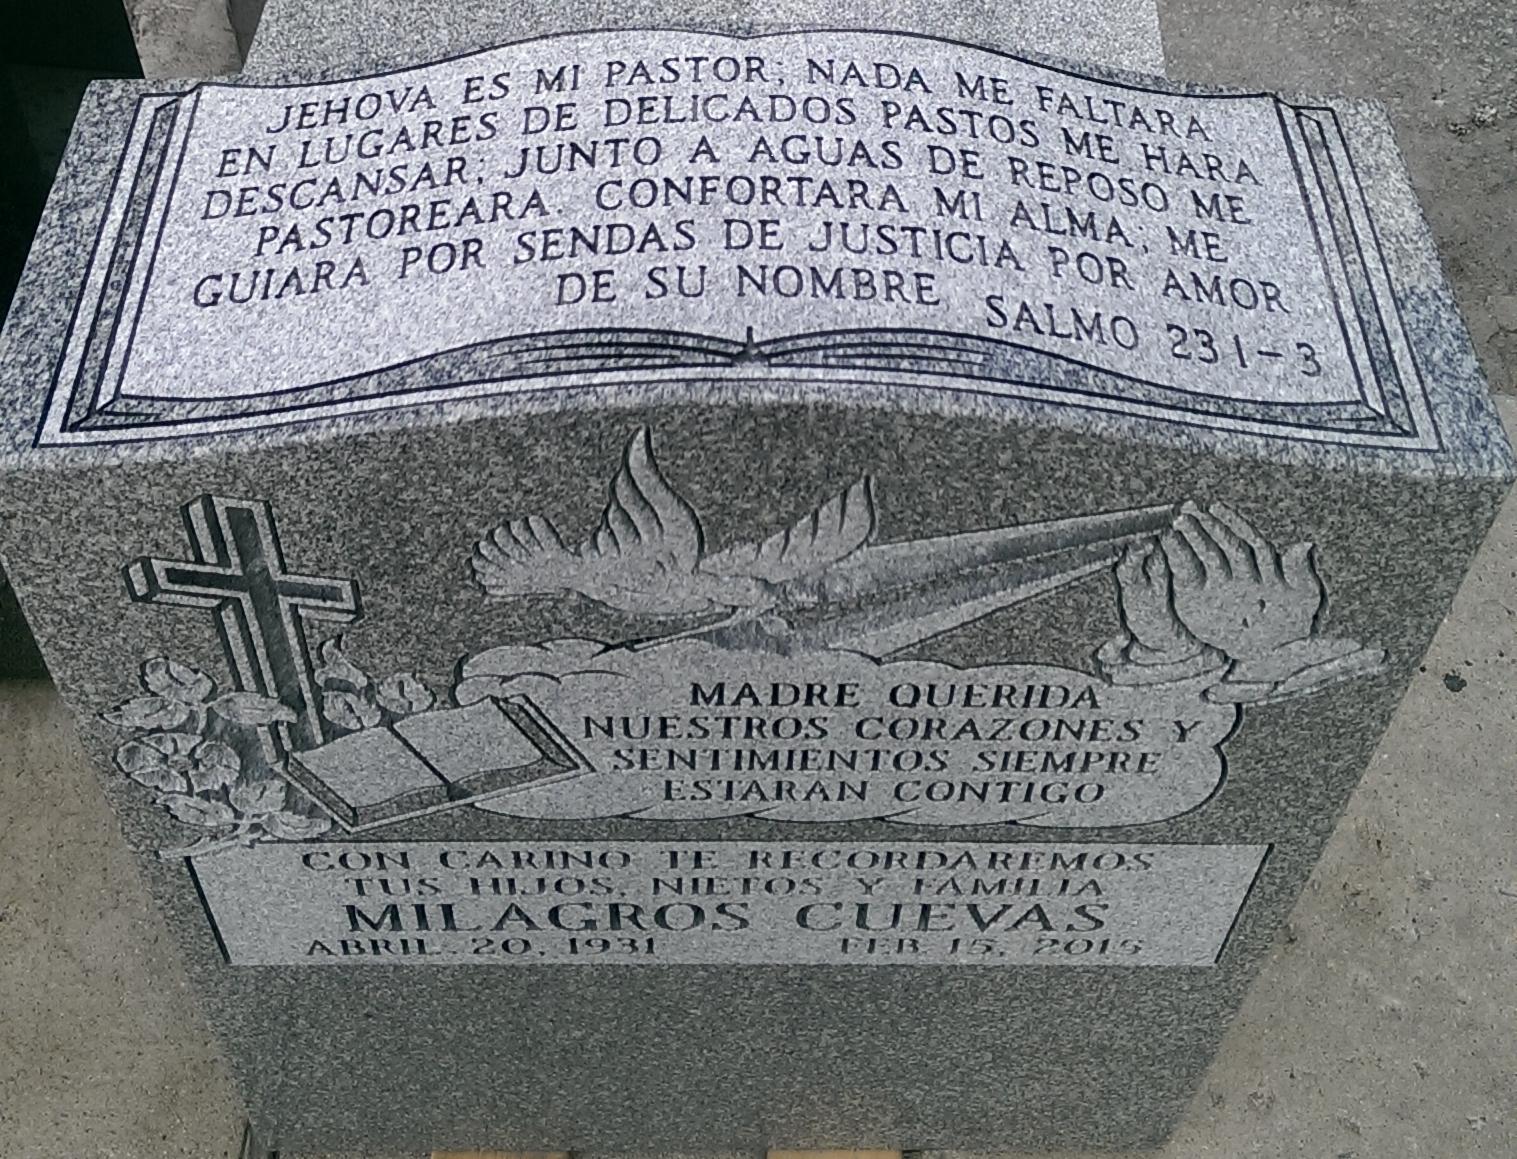 M. Cuevas